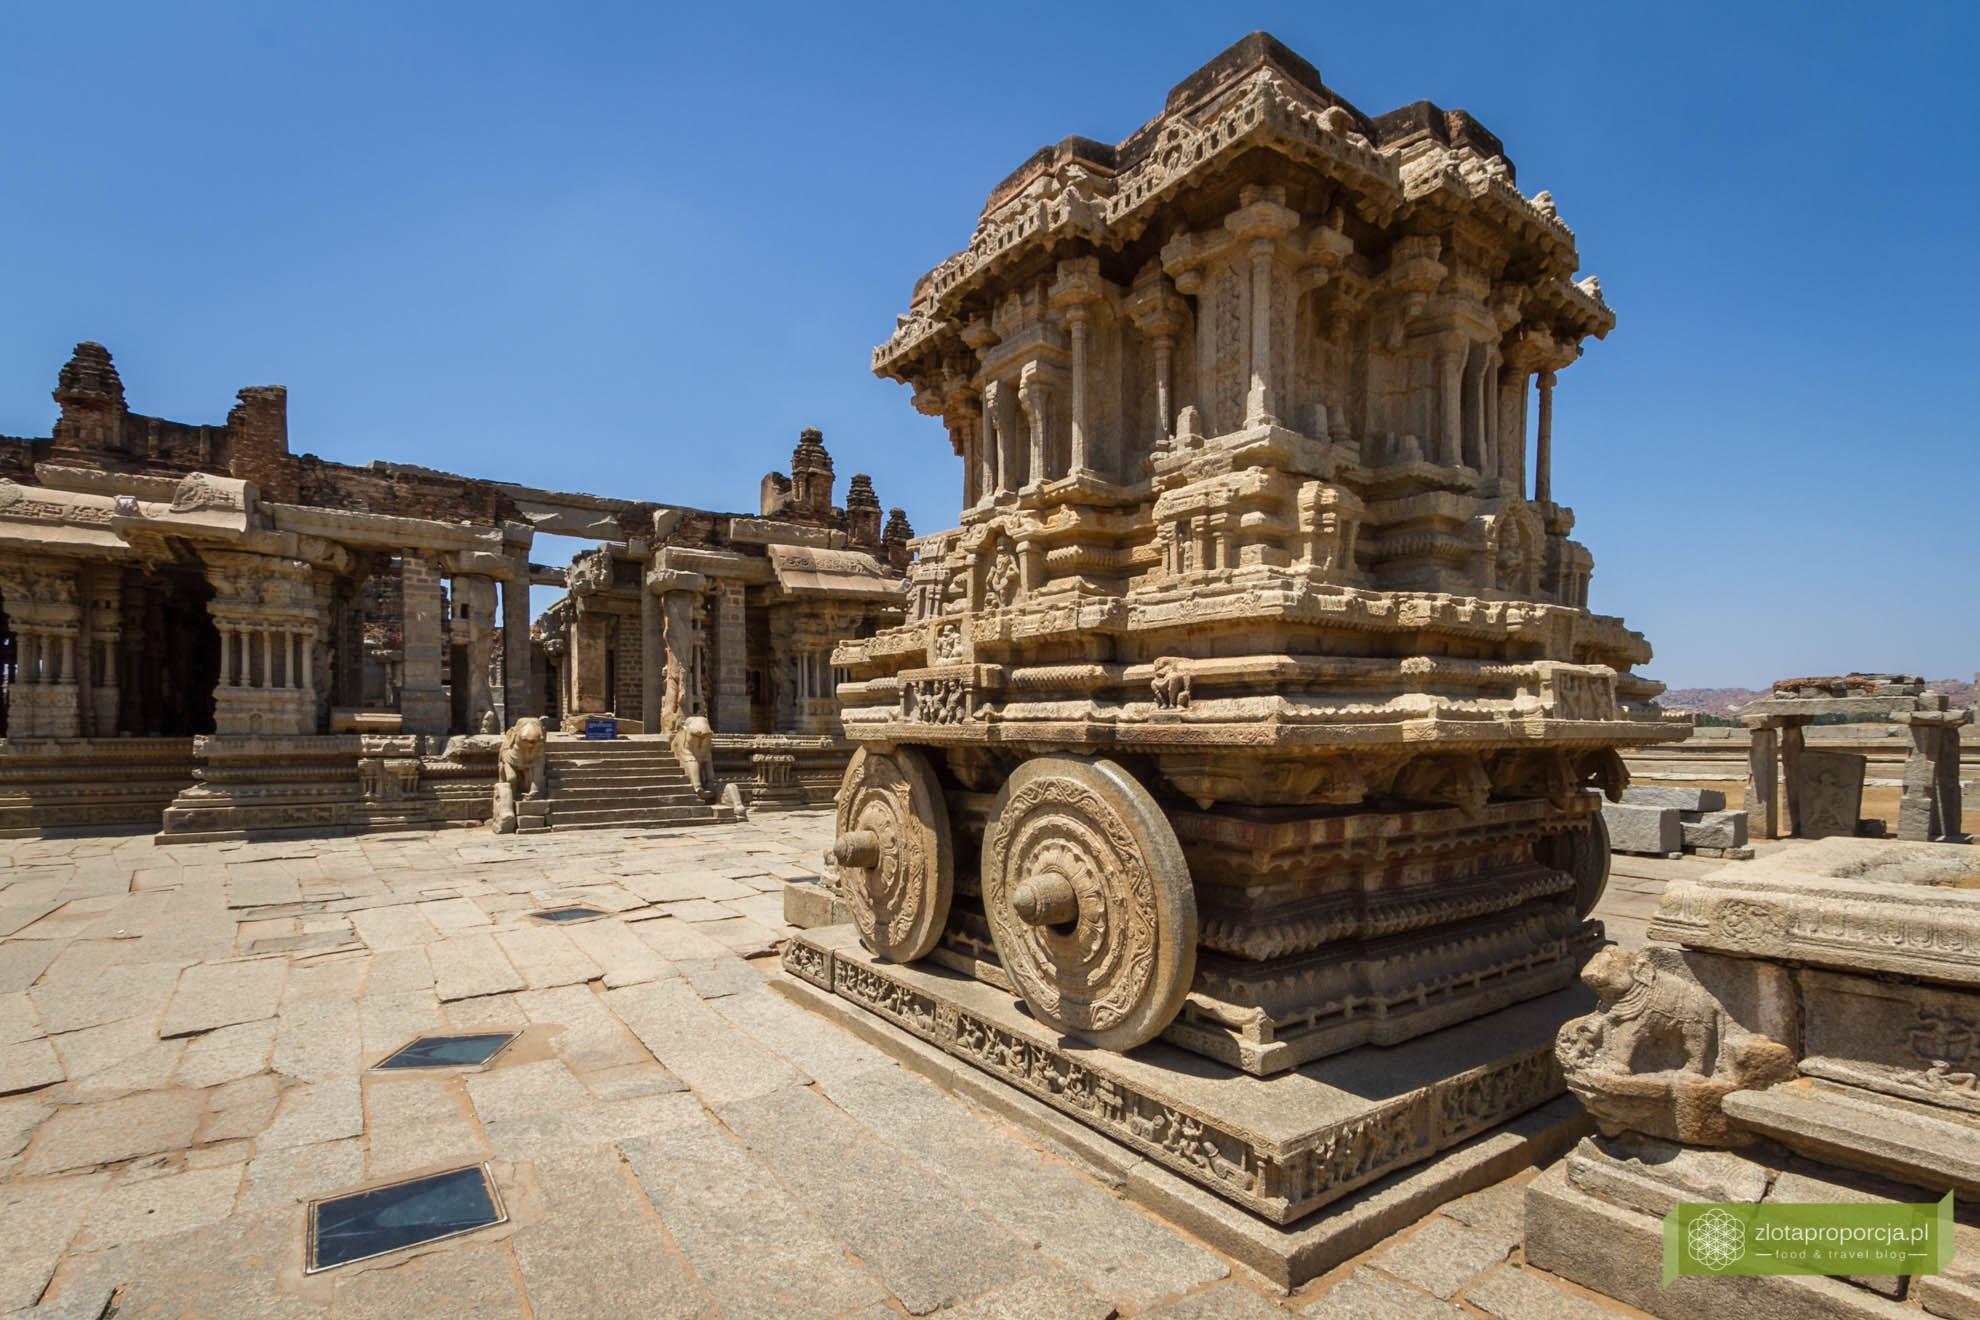 Hampi, Karnataka, Indie, zwiedzanie Hampi, okolice Goa, Indie ciekawe miejsca, Karnataka atrakcje, świątynie w Hampi